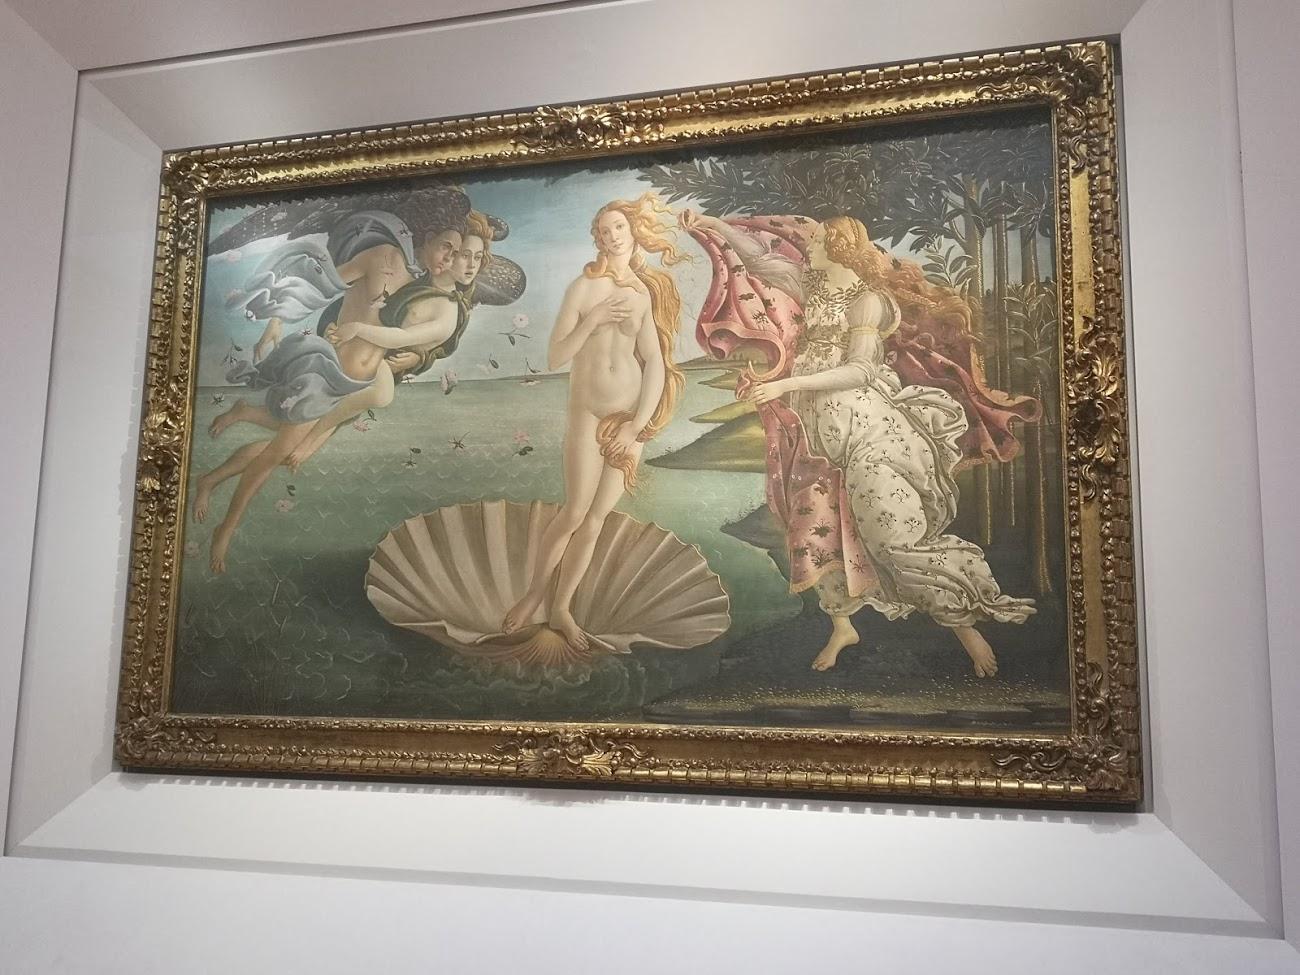 El nacimiento de venus - botticeli - cuadro - florencia